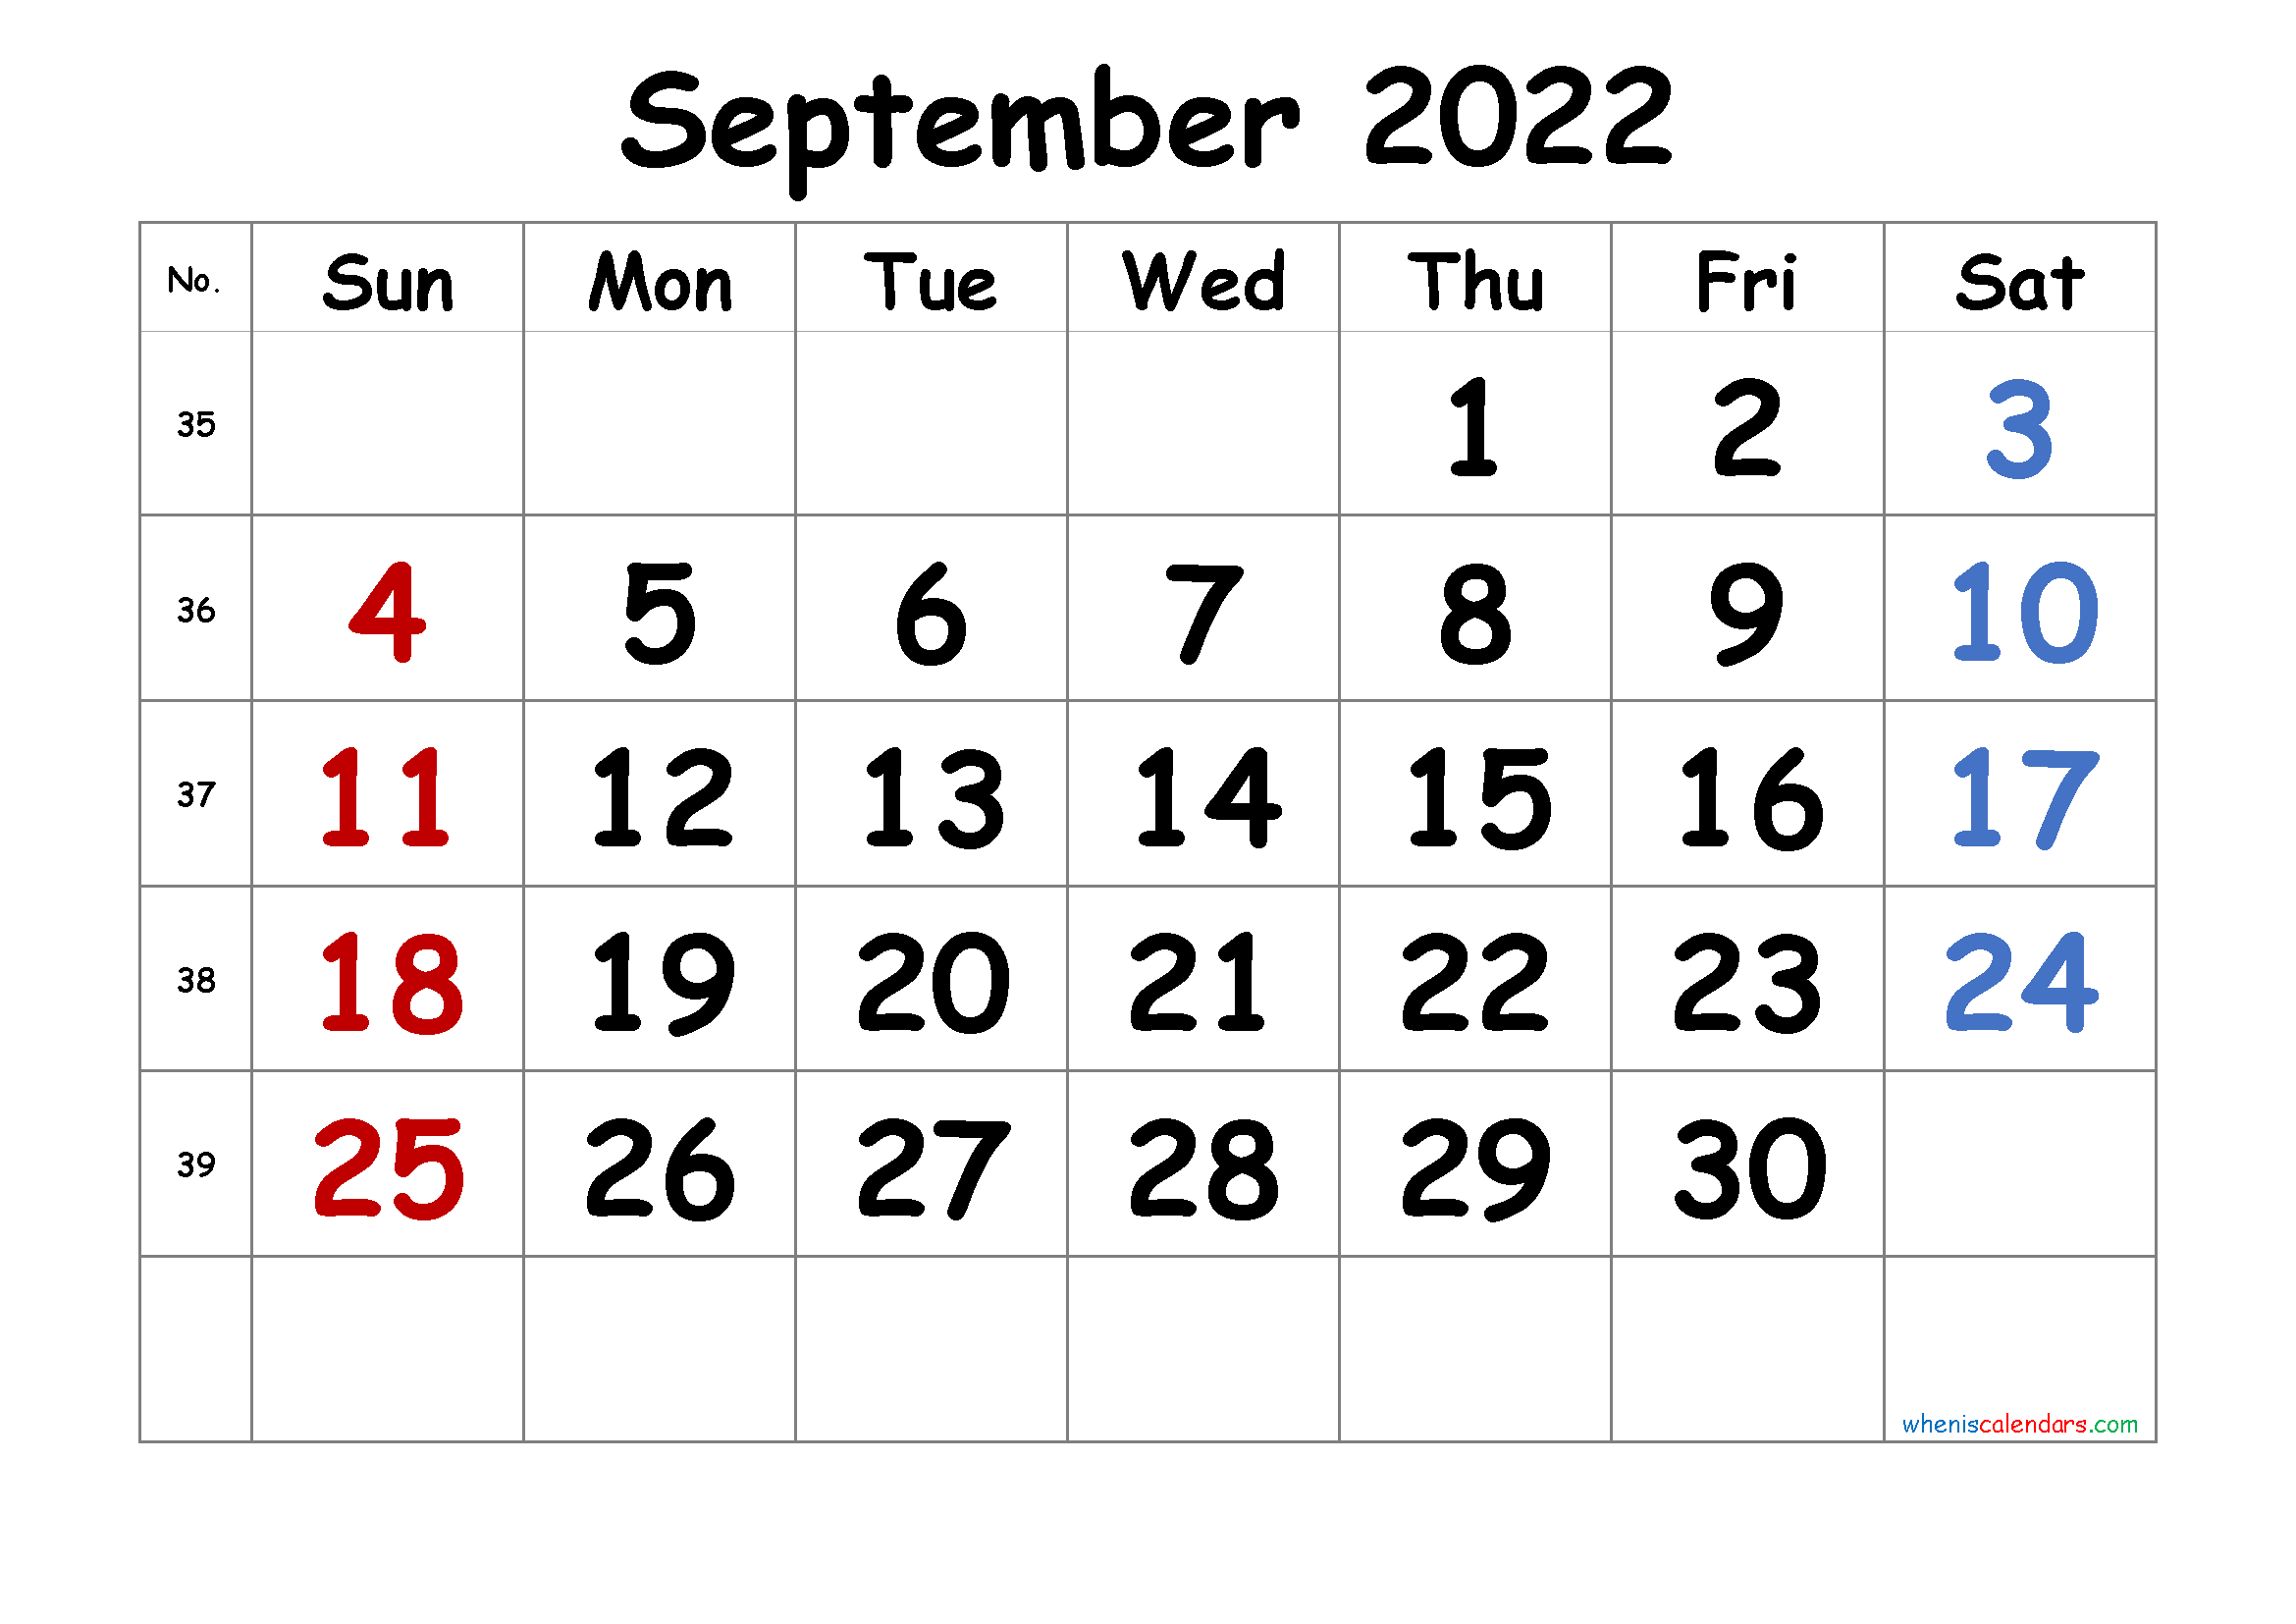 Free September 2022 Calendar.Free September 2022 Calendar Printable 1 Month 1 Page 2021 Free Printable